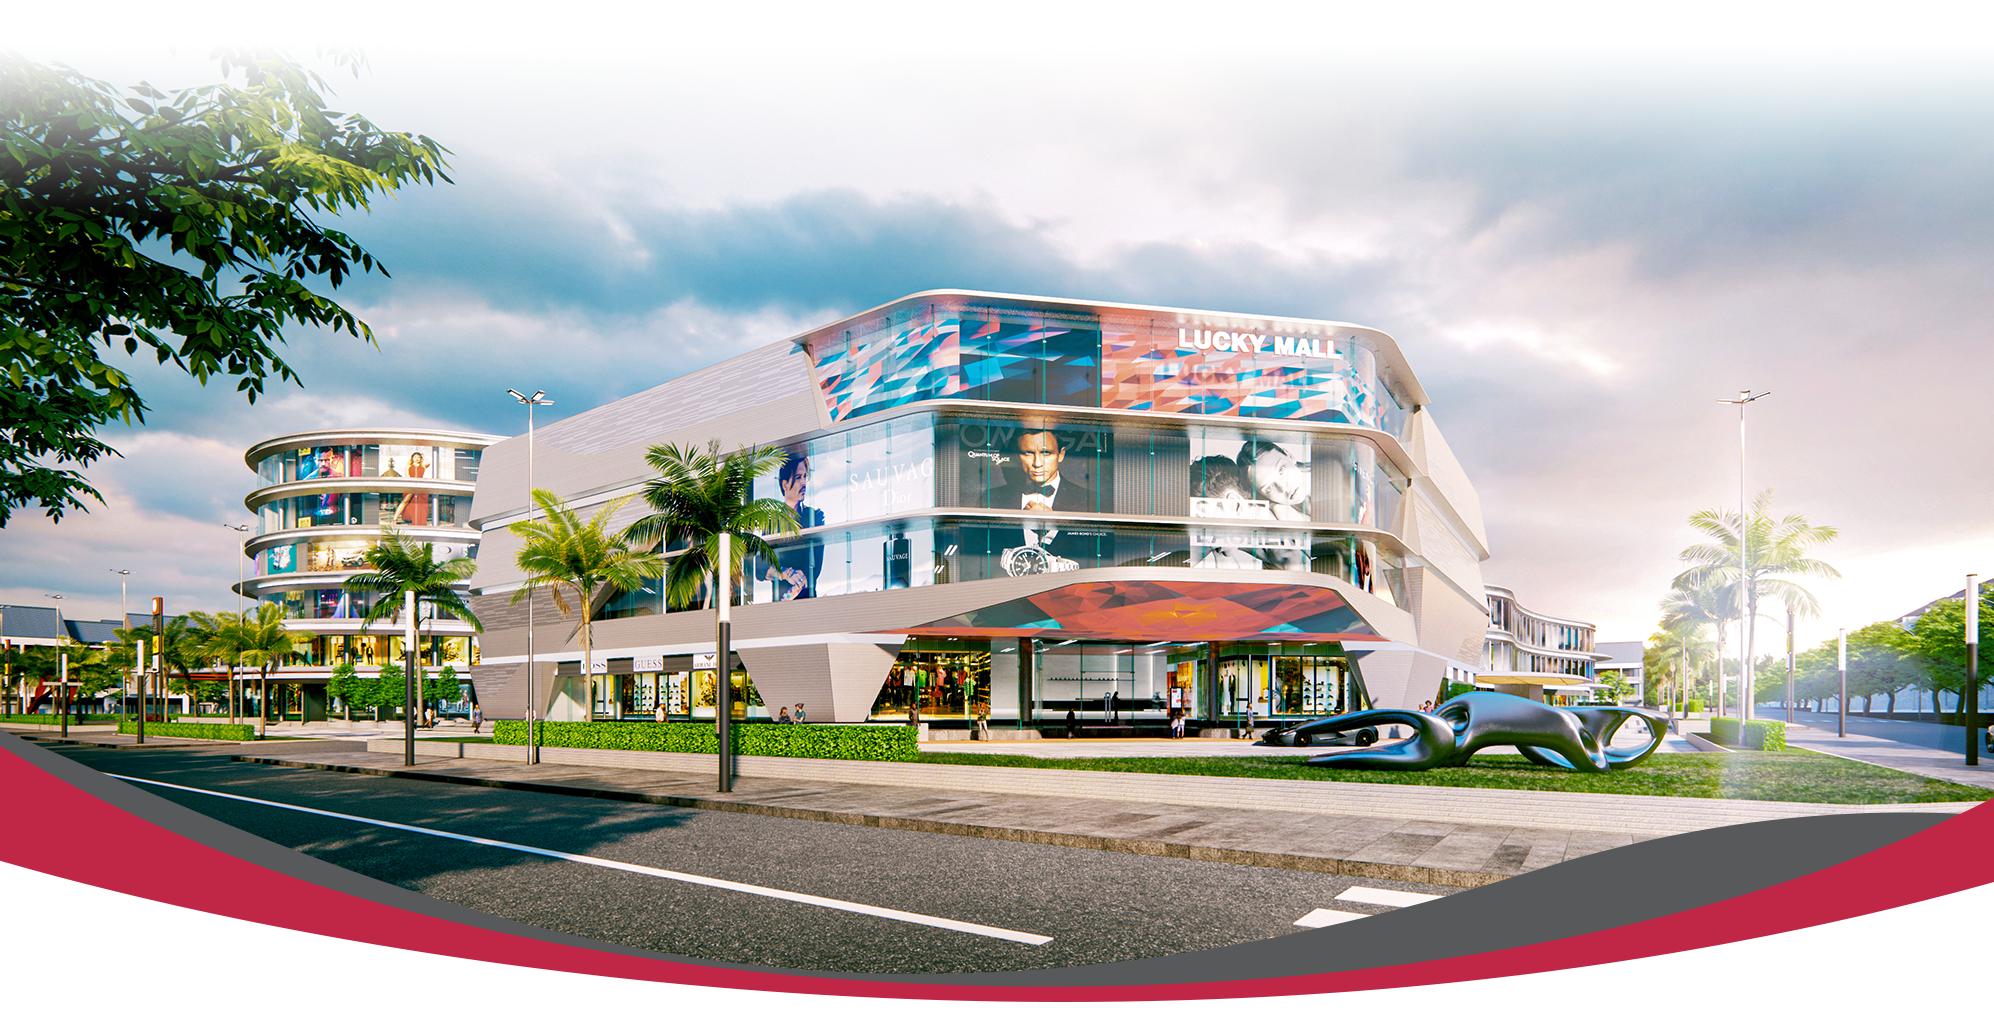 Thế chân kiềng vững chắc tạo dựng vị thế mới cho Cát Tường Group trên thị trường bất động sản - Ảnh 9.